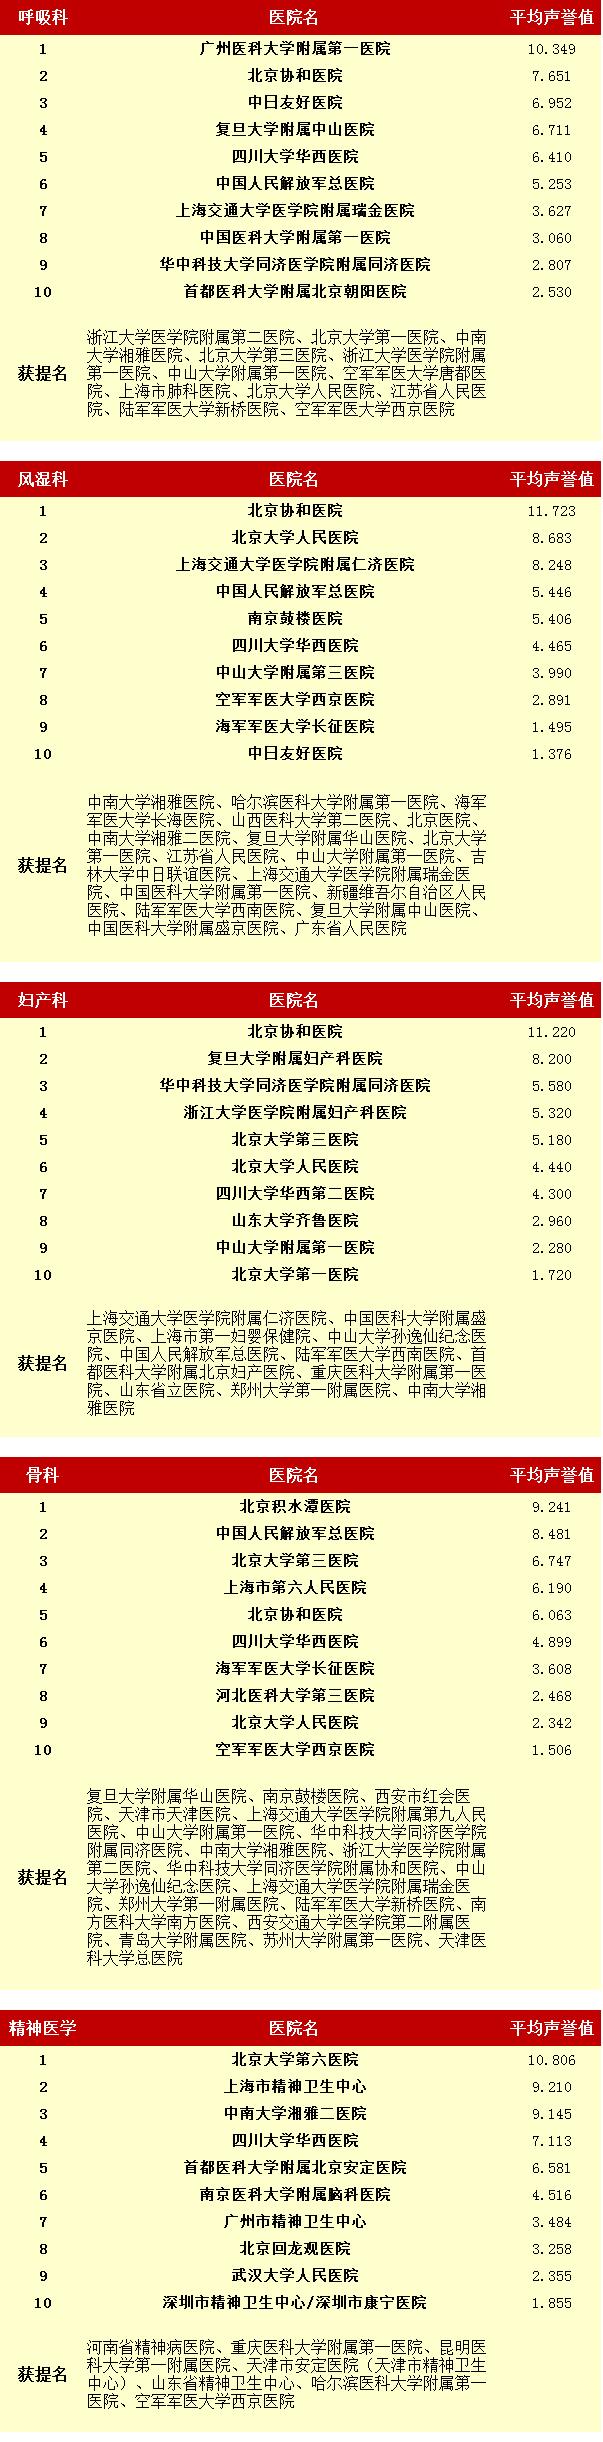 """最新! 复旦版""""中国医院排名""""和""""中国医院专业排名""""正式公布"""